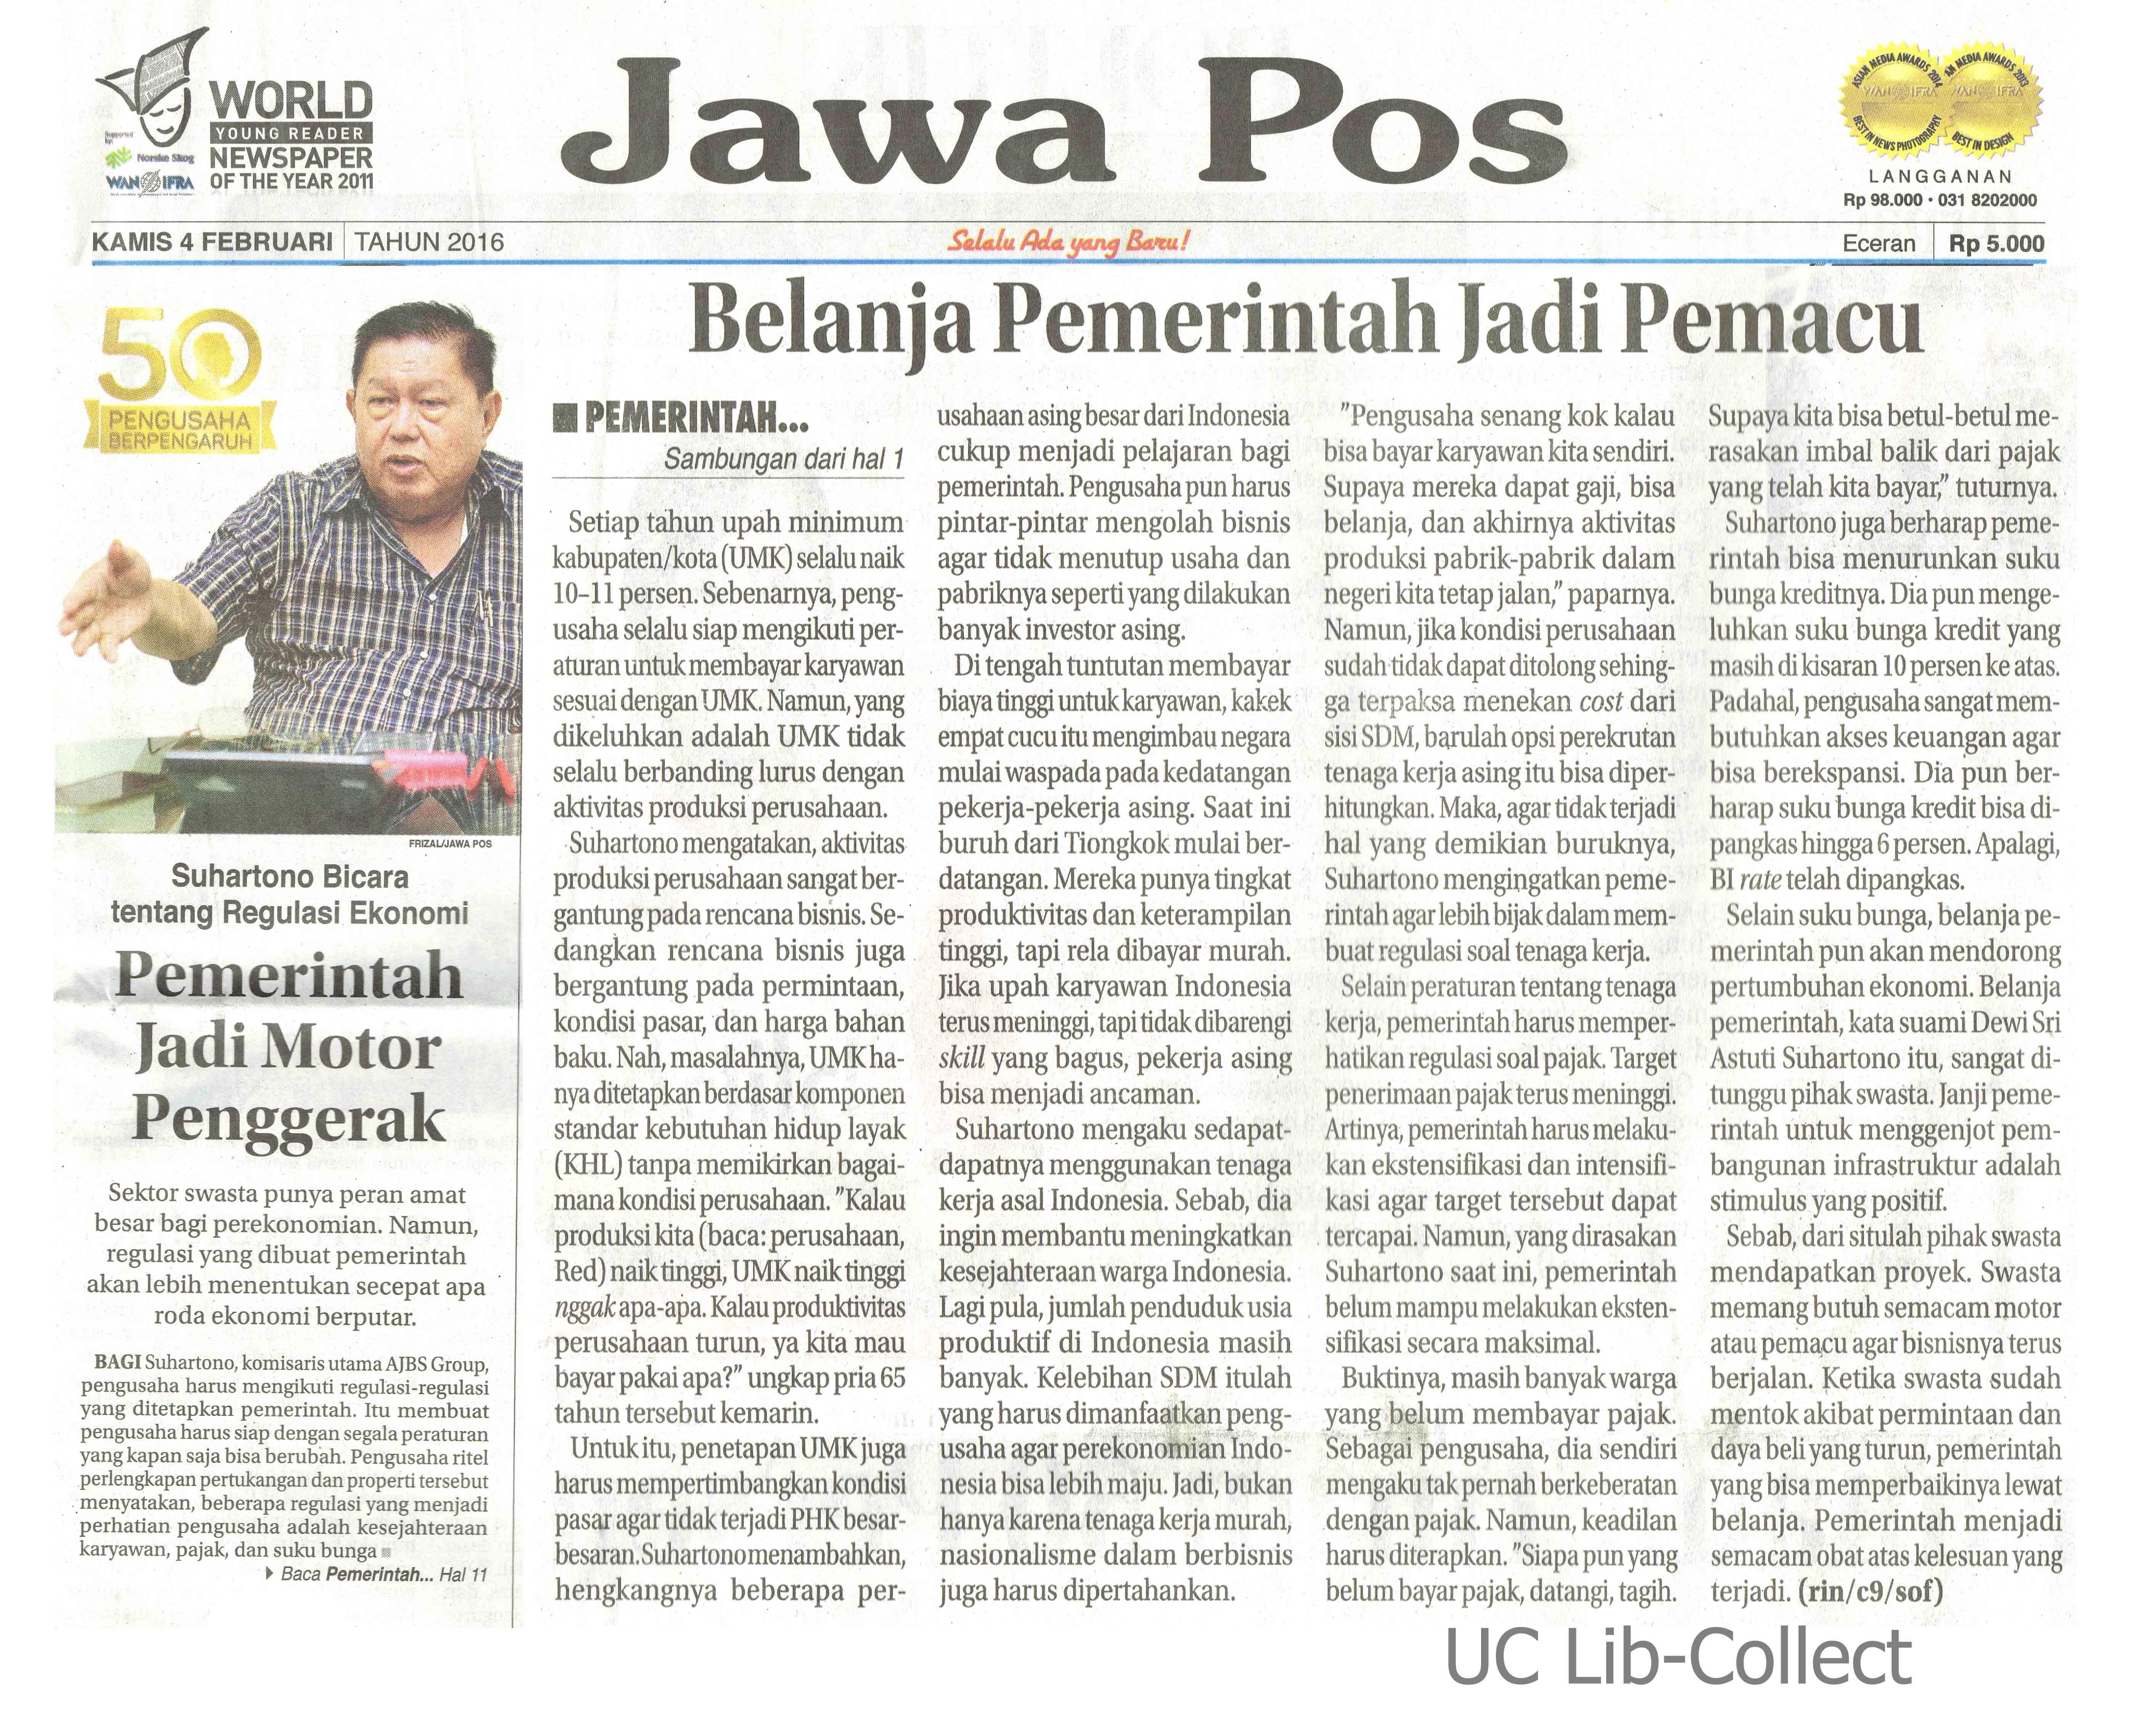 4 Februari 2016. Suhartono Bicara tentang Regulasi Ekonomi_Pemerintah Jadi Motor Penggerak. Jawa Pos. 4 Februari 2016. Hal.1,11